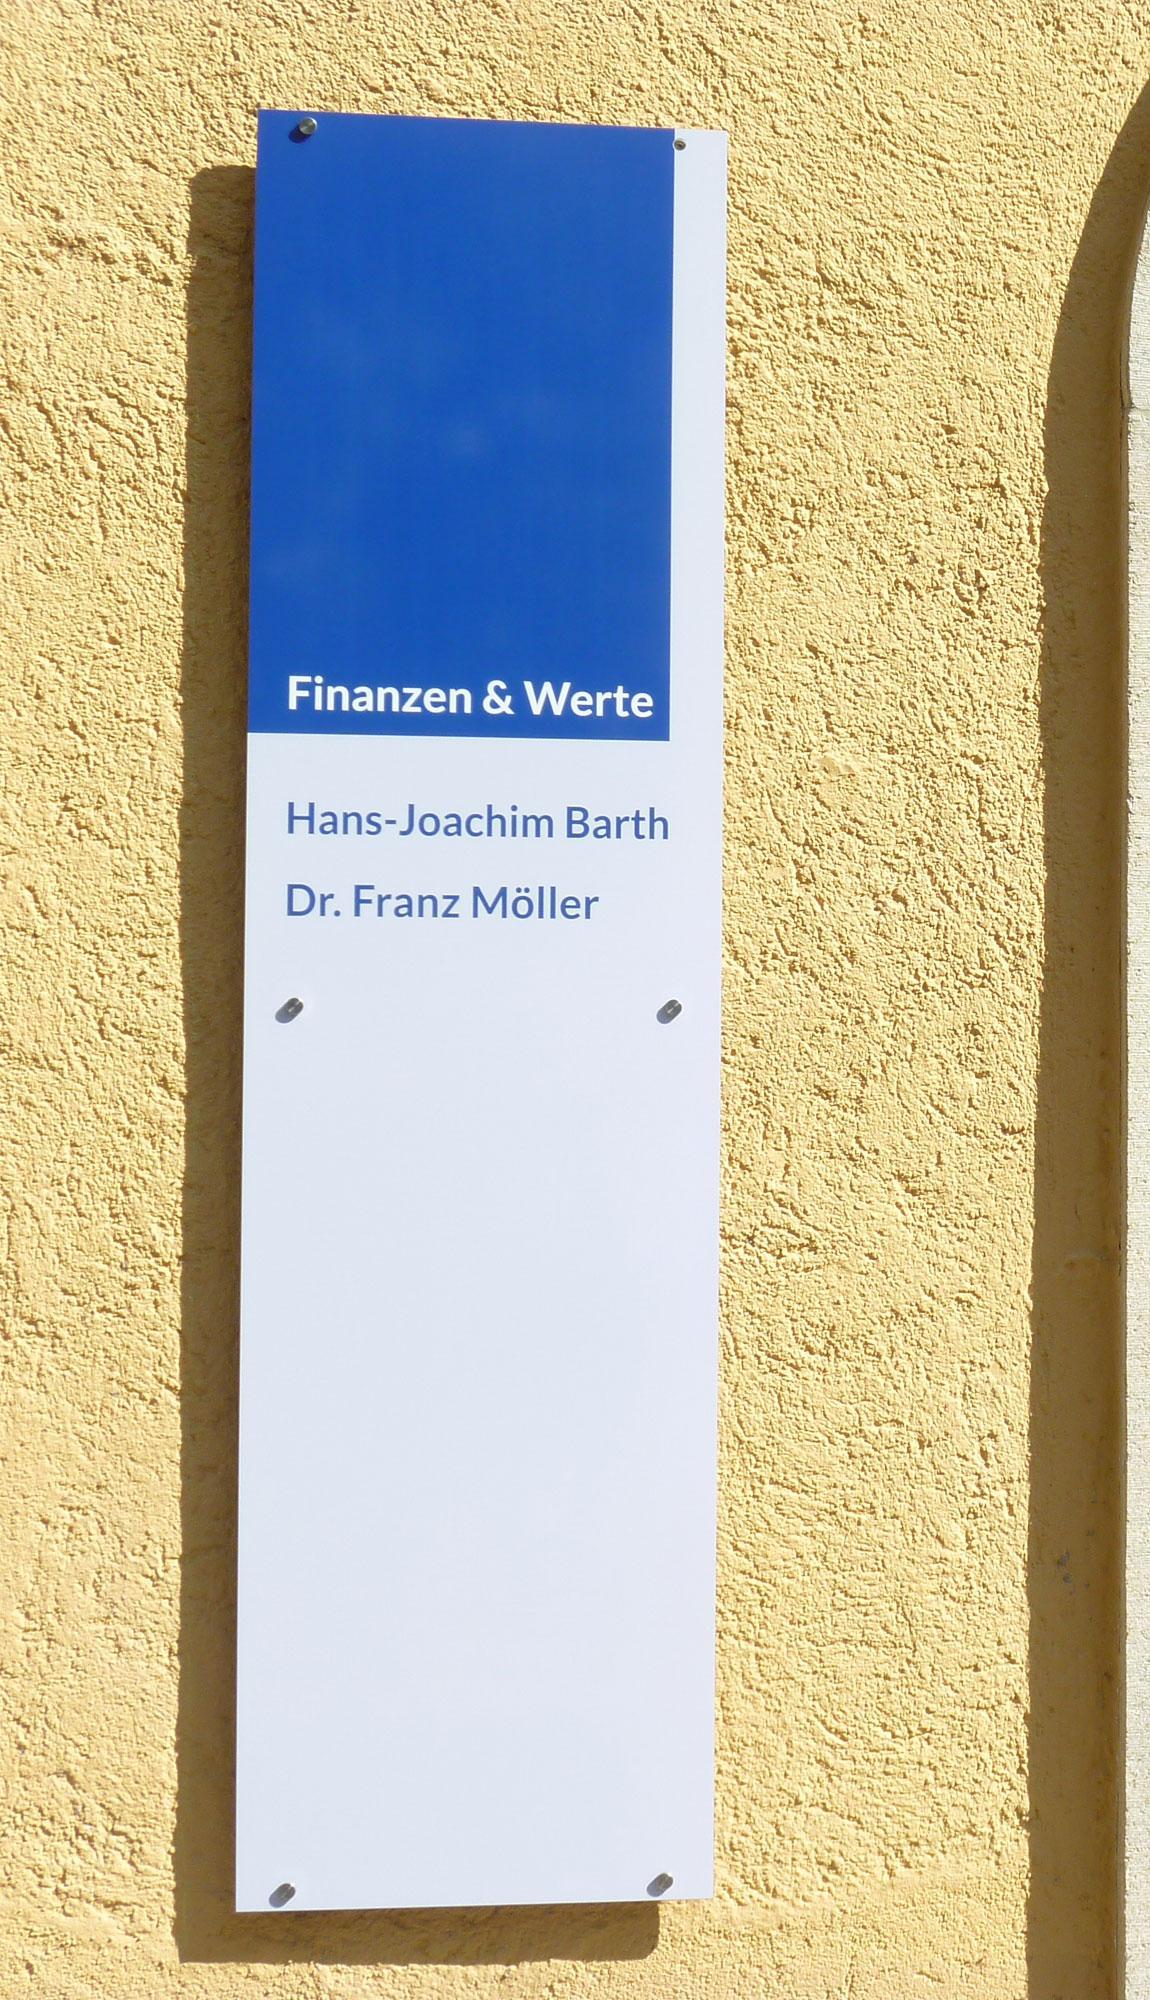 Bueroeingang Finanzen und Werte - Firmenschild